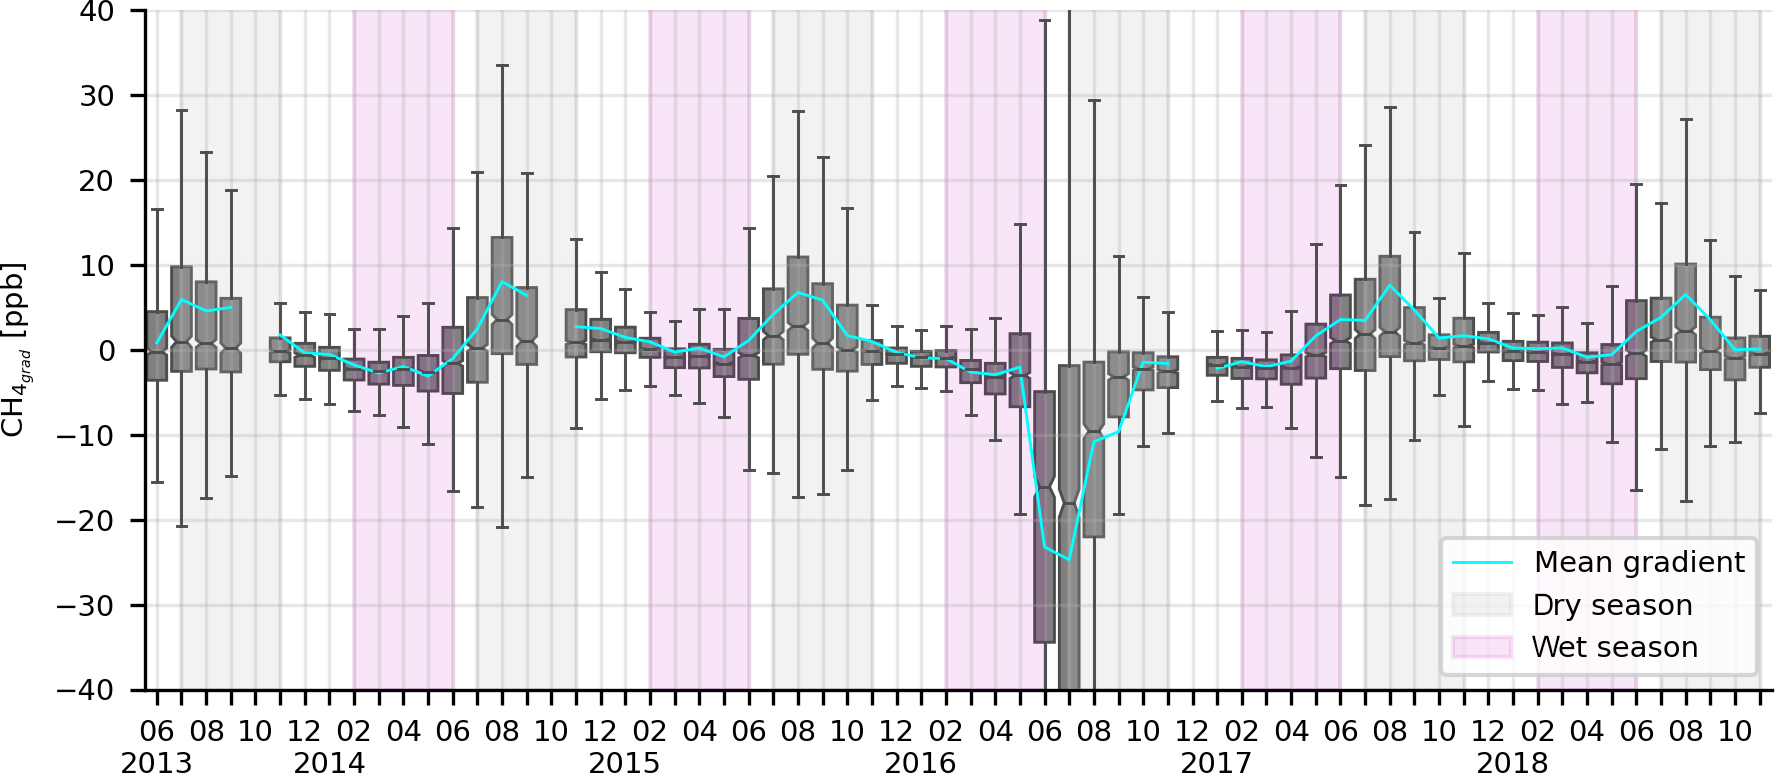 Methan-Emissionen (CH4) steigen während der Trockenzeit an. Abbildung aus Botía et al. (2020).